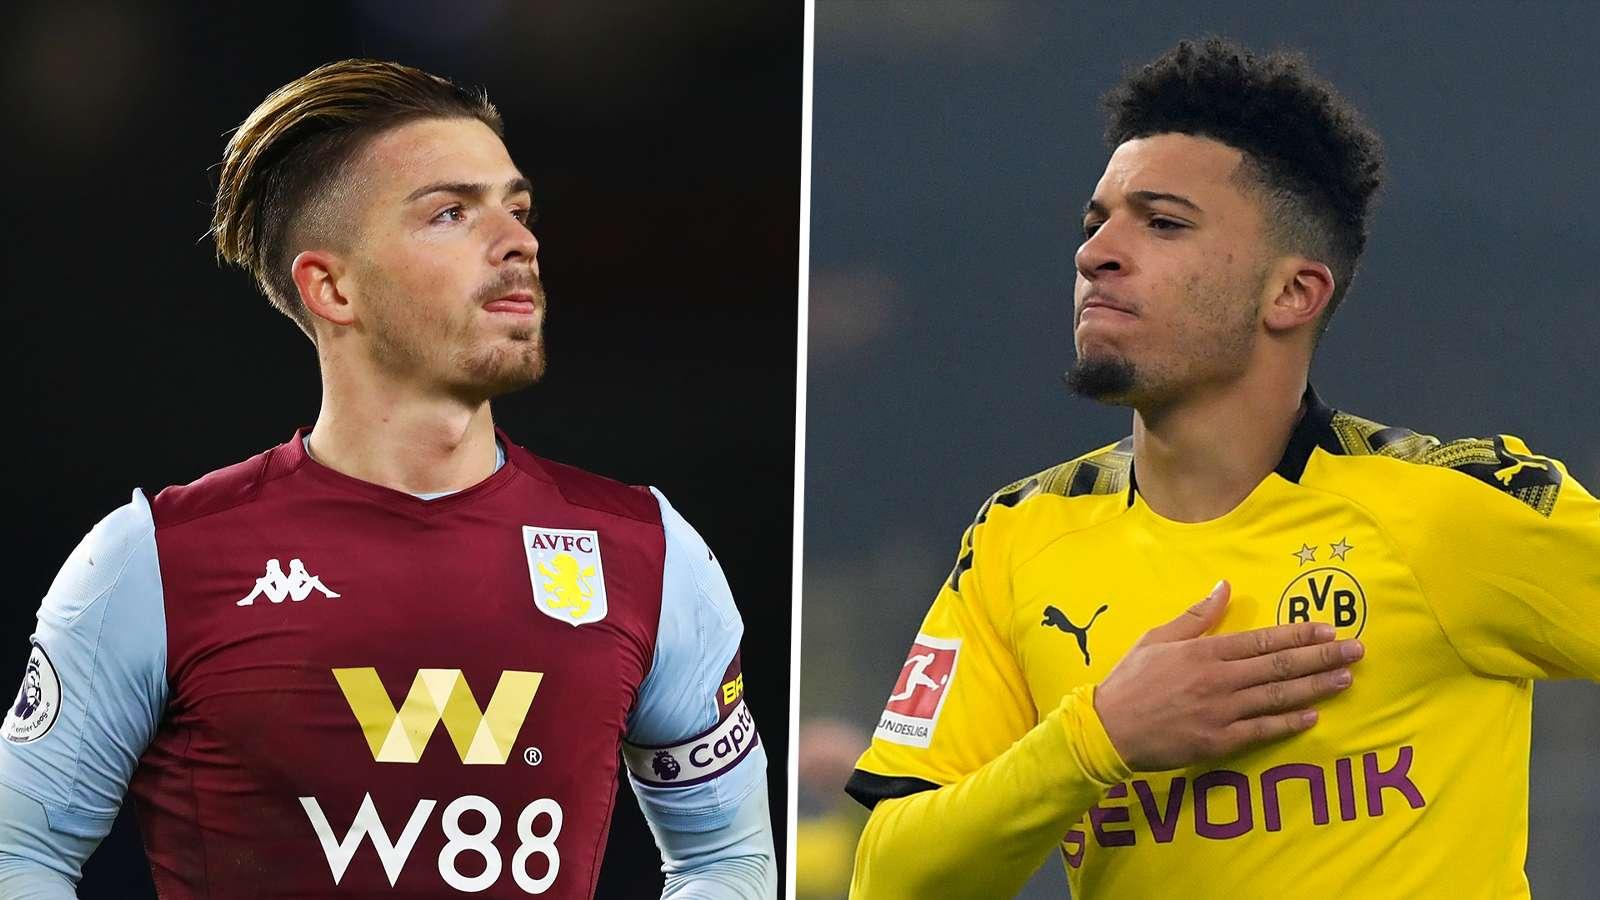 دورتموند-استون ویلا-انگلیس-لیگ برتر-بوندس لیگا-دورتموند-BVB-Aston Villa-Premier League-Bundesliga-England